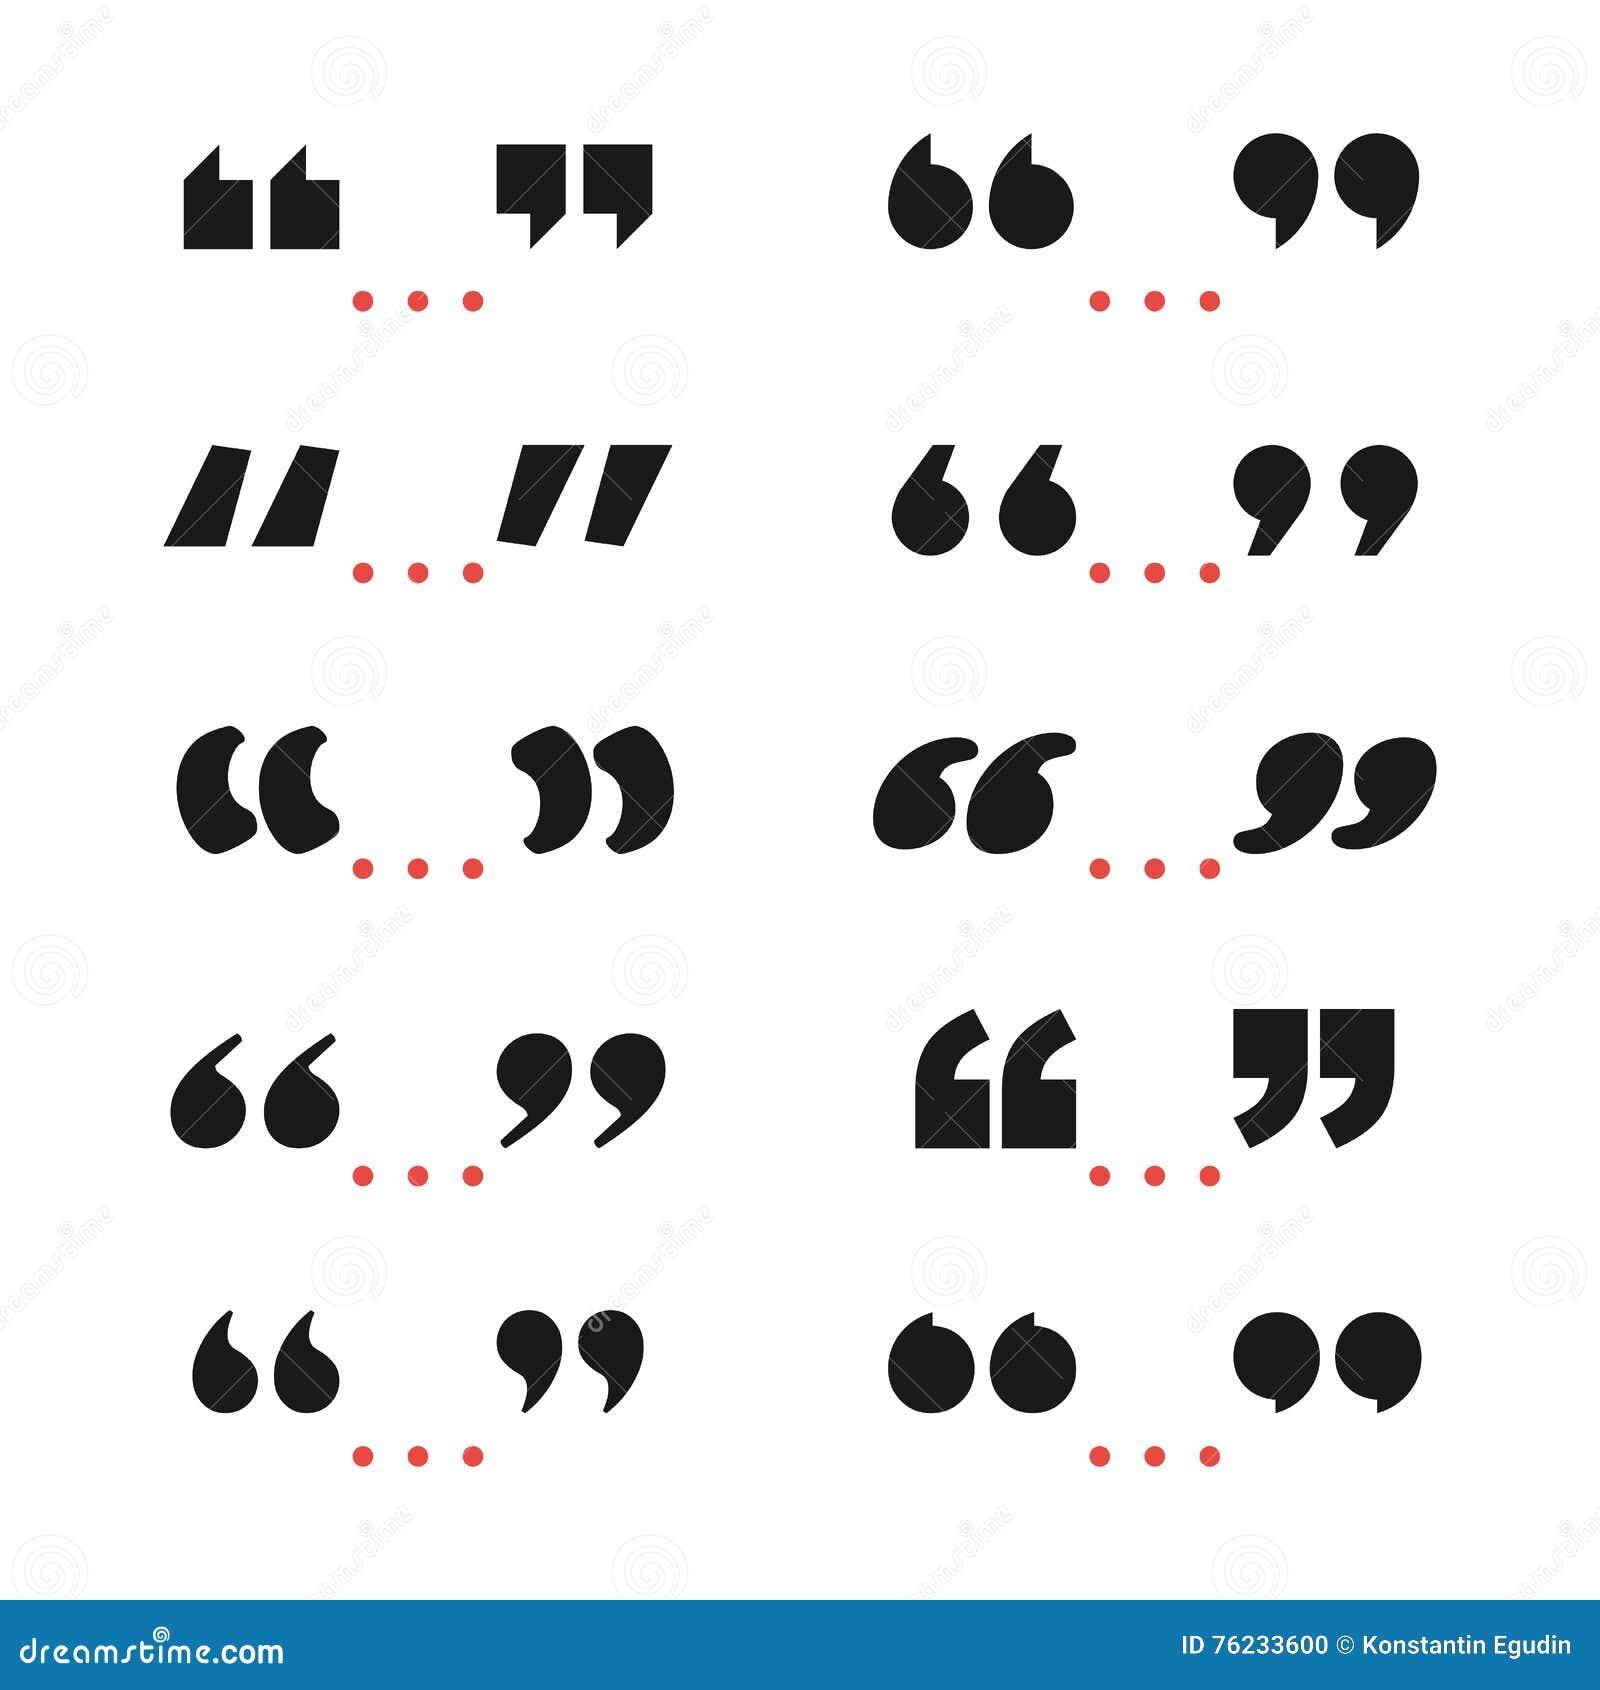 Quote marks black symbol